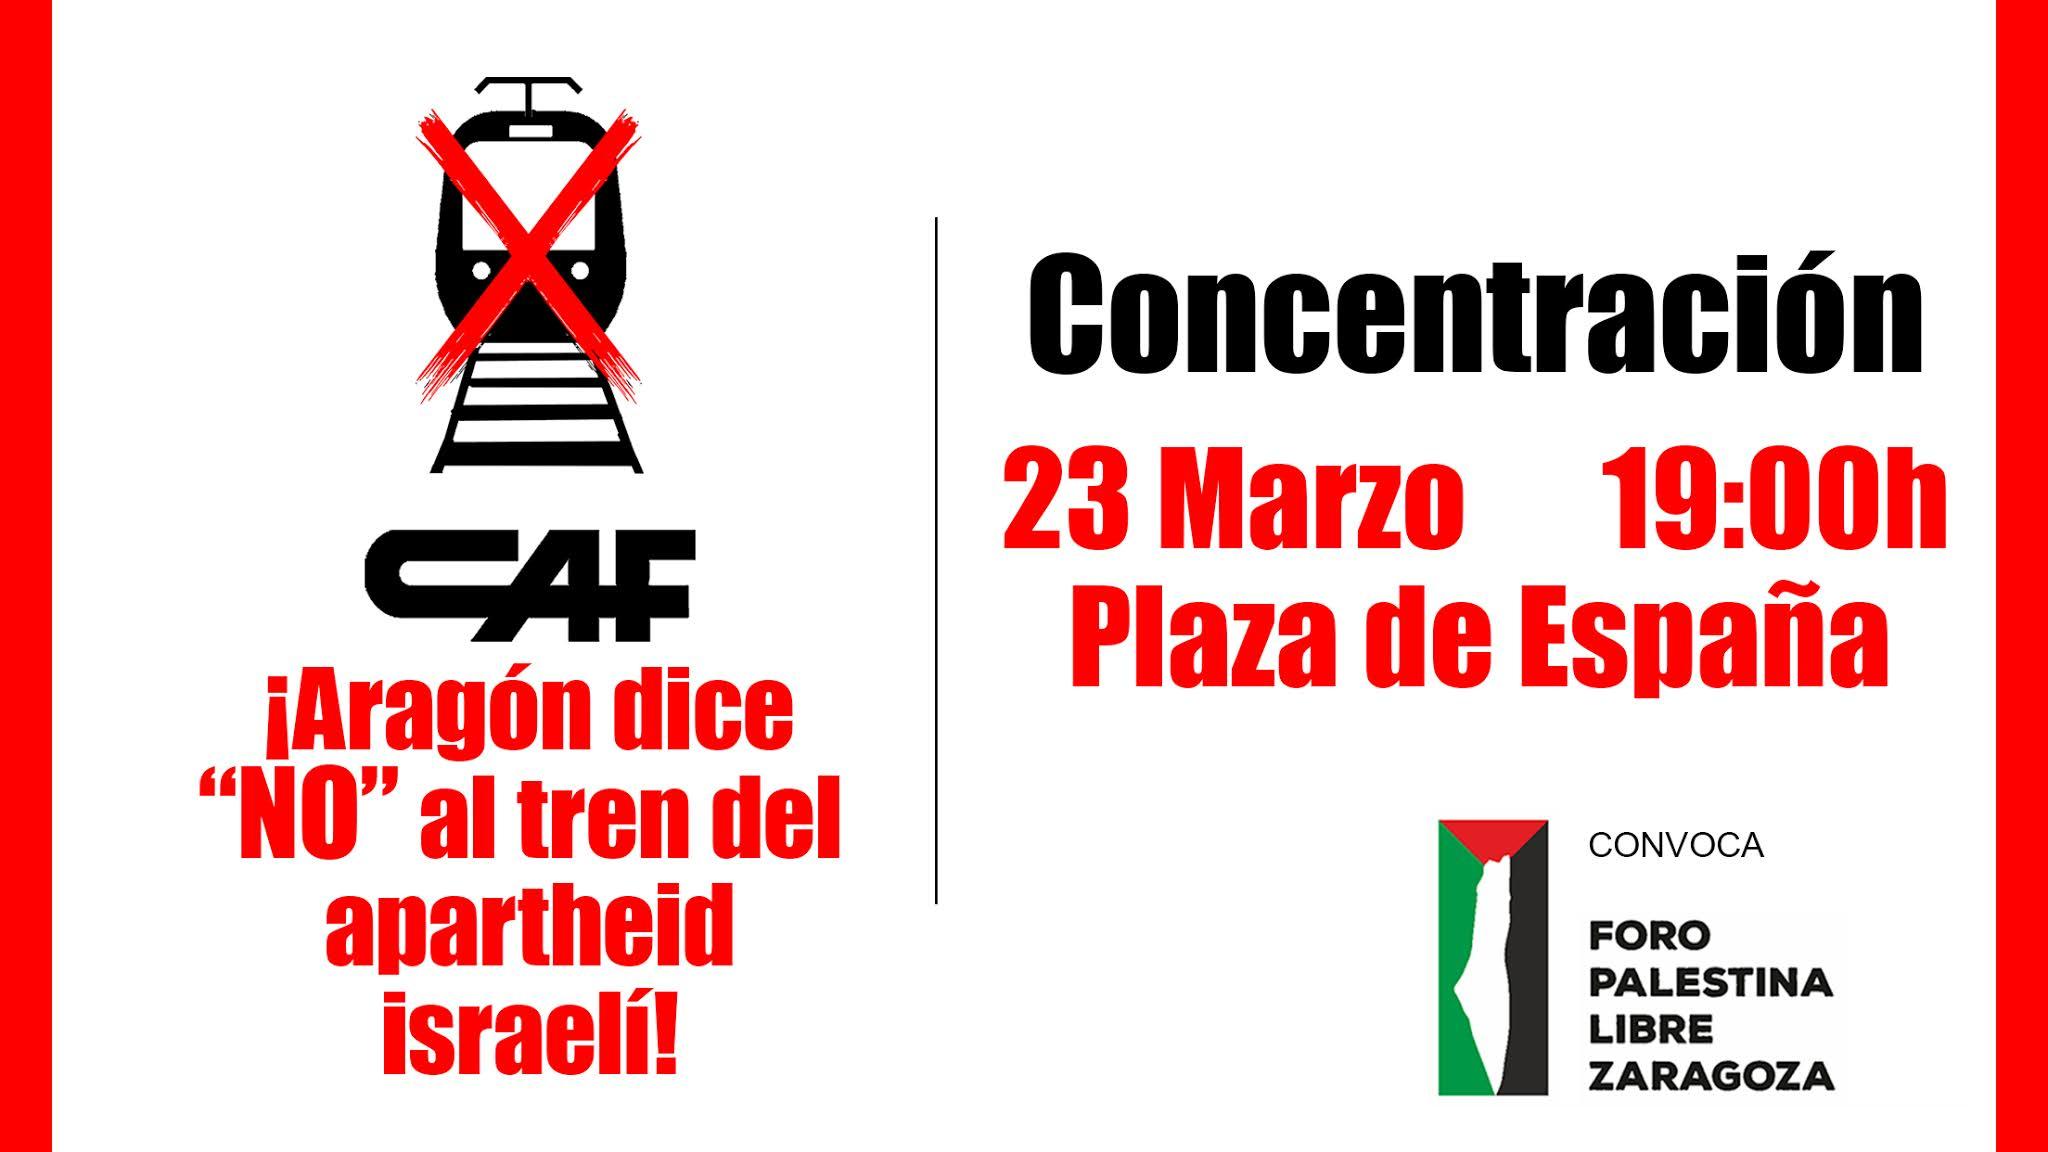 Zaragoza. Concentración 23 de marzo. CAF: Aragón dice NO al tren del apartheid israelí